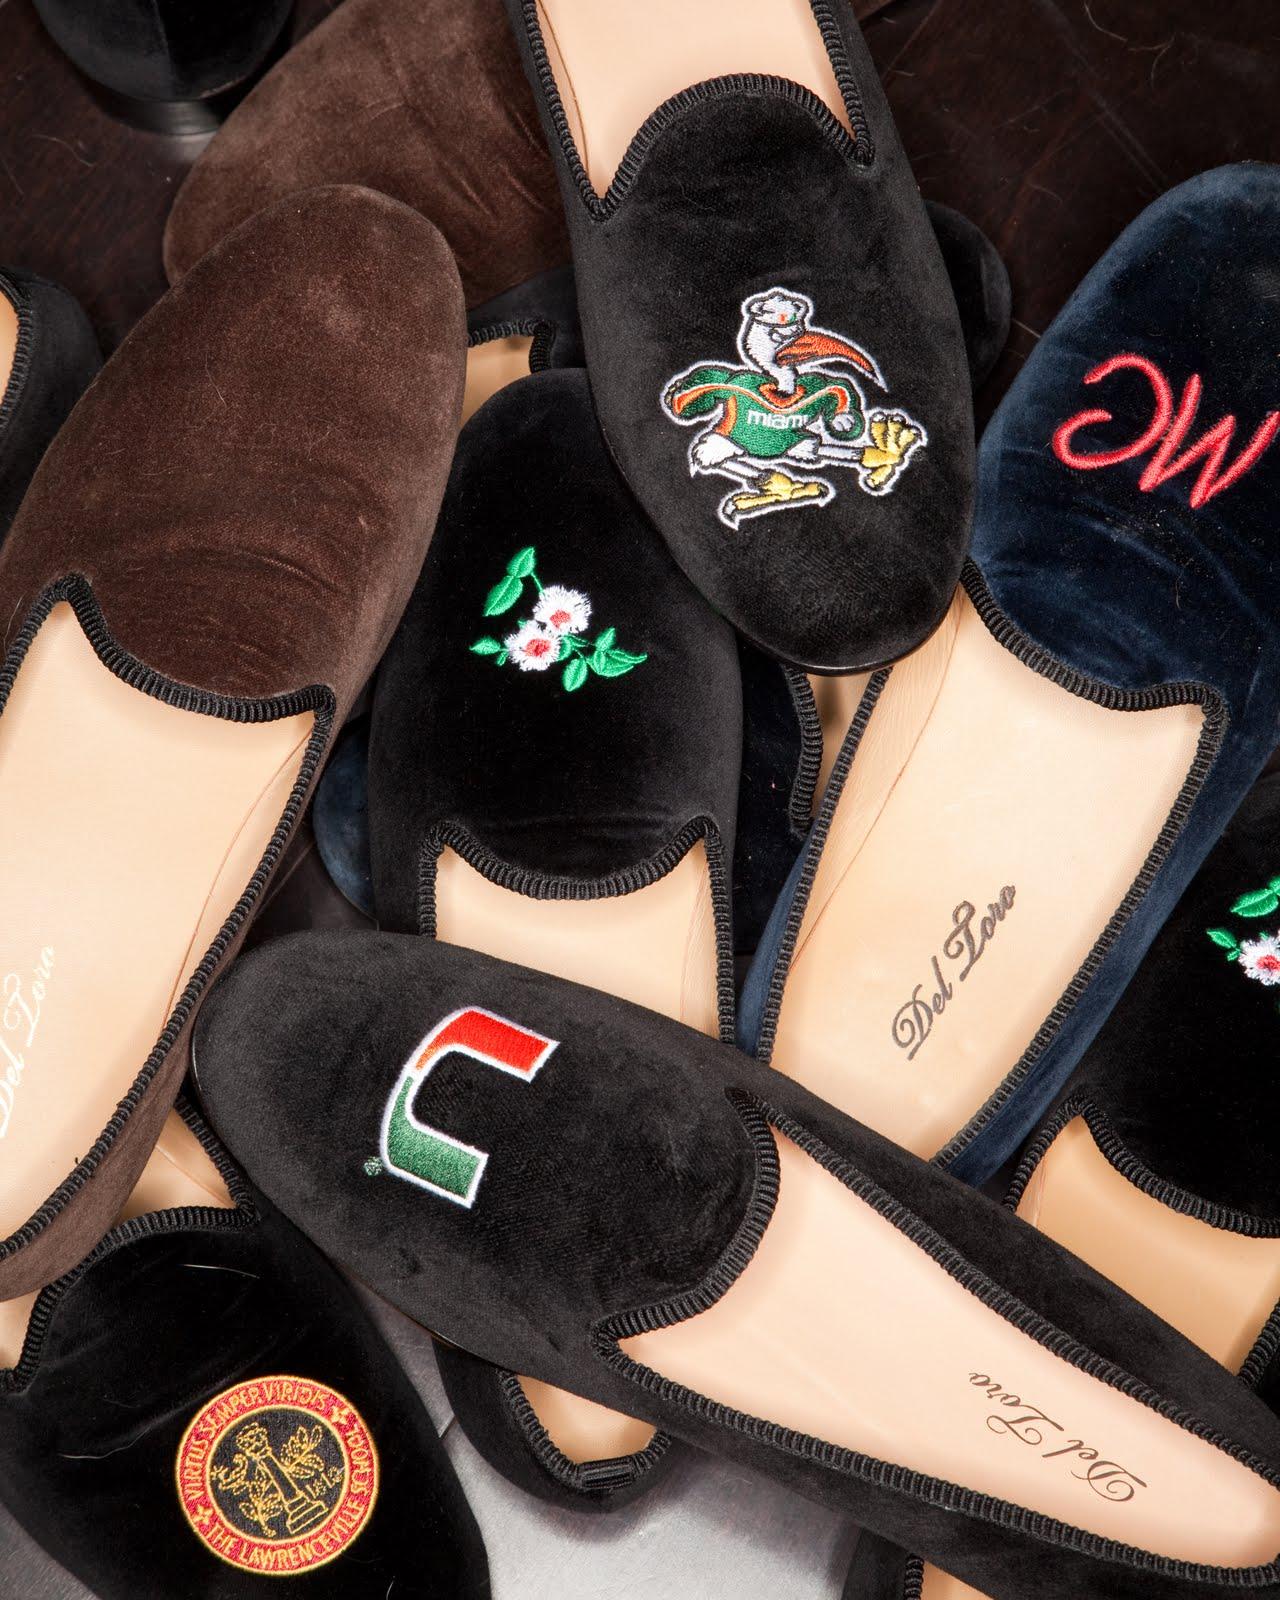 del toro flat shoes